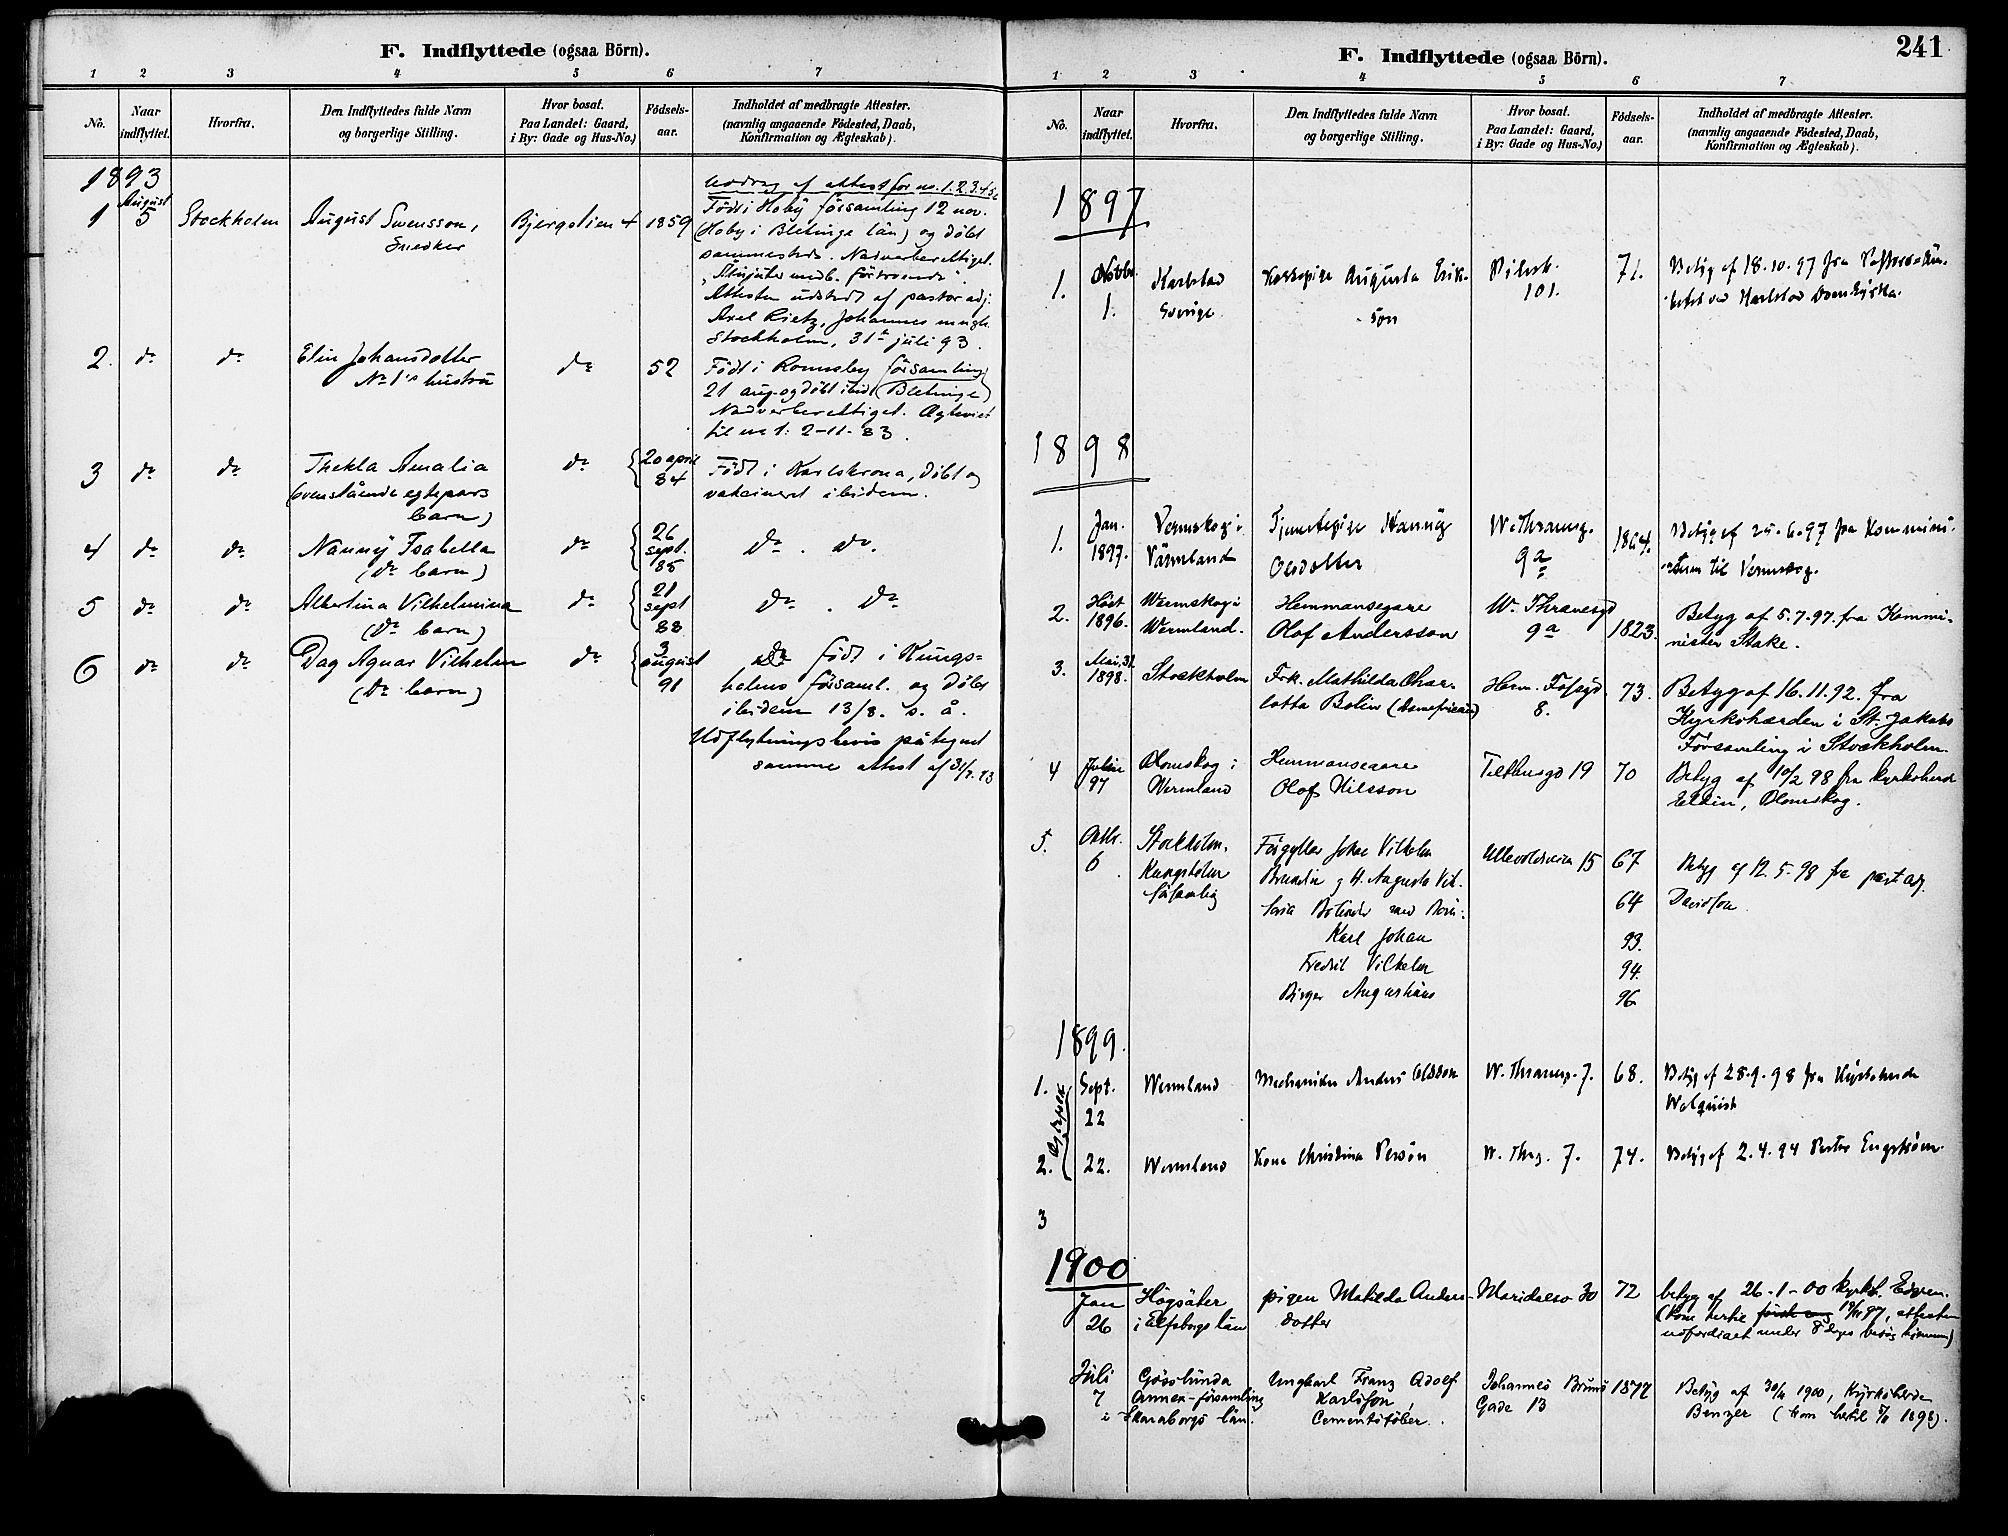 SAO, Gamle Aker prestekontor Kirkebøker, F/L0009: Ministerialbok nr. 9, 1890-1898, s. 241